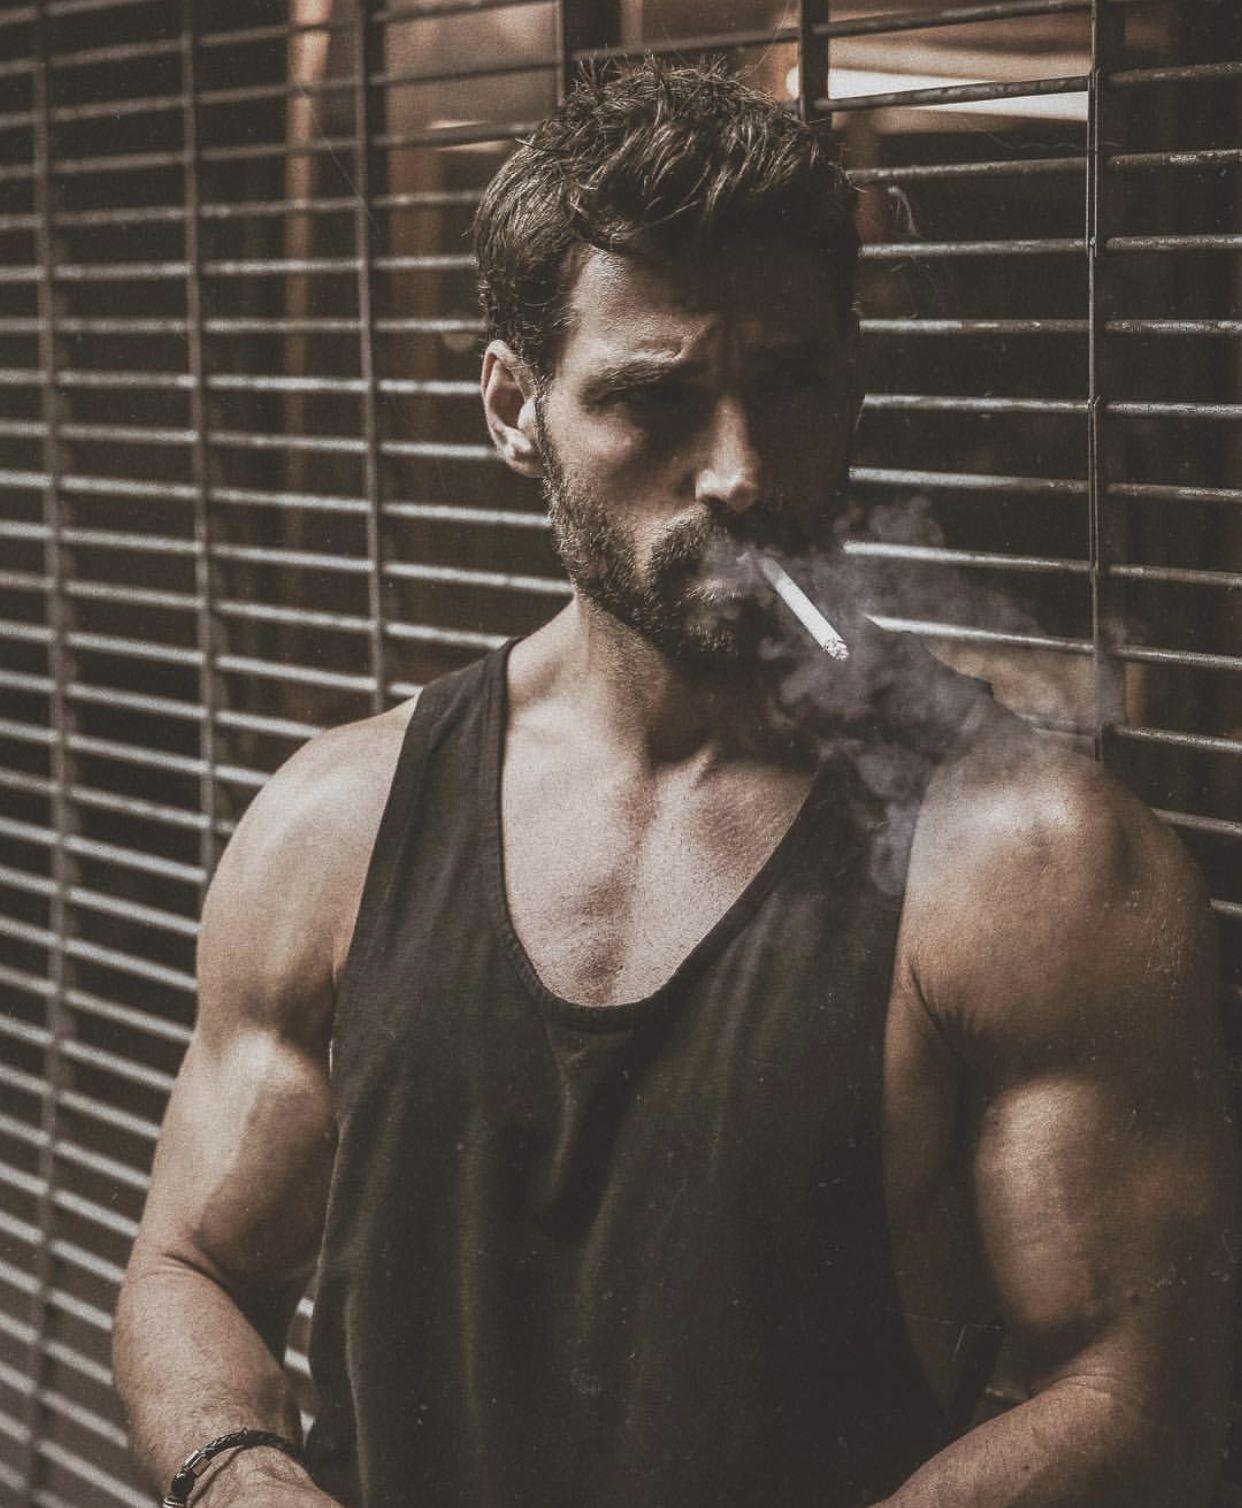 Pin On Smoking Hot